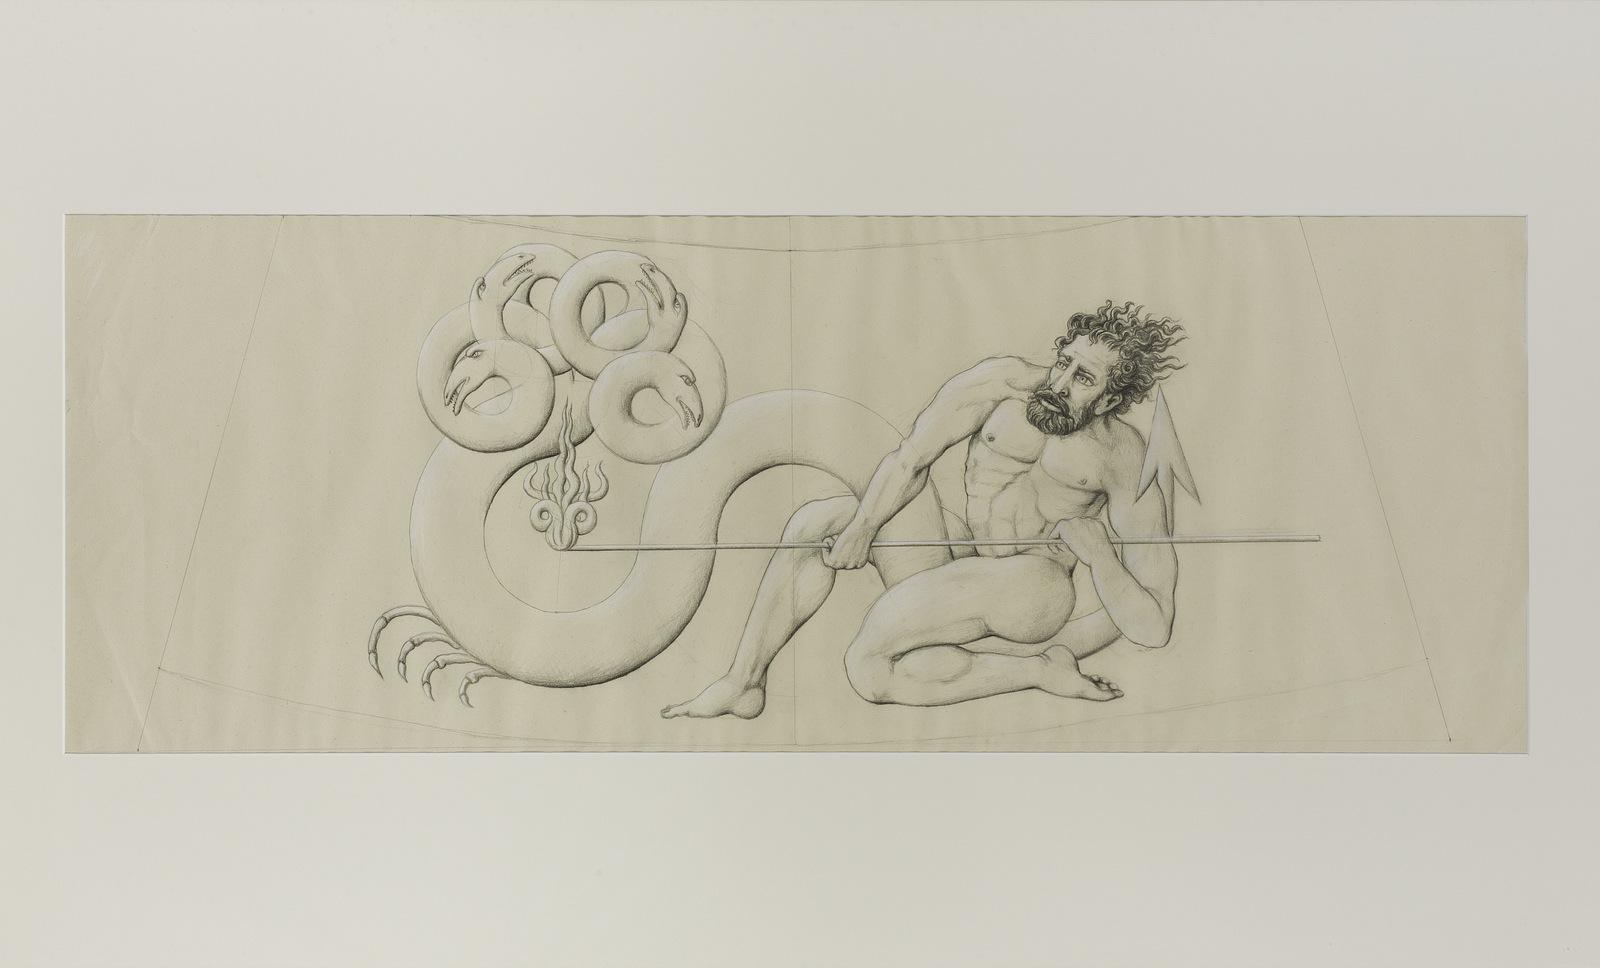 GUPE Escorpio (Serie Zodiaco), 1991. Grafito sobre papel. 75,5 x 130 x 4 cm